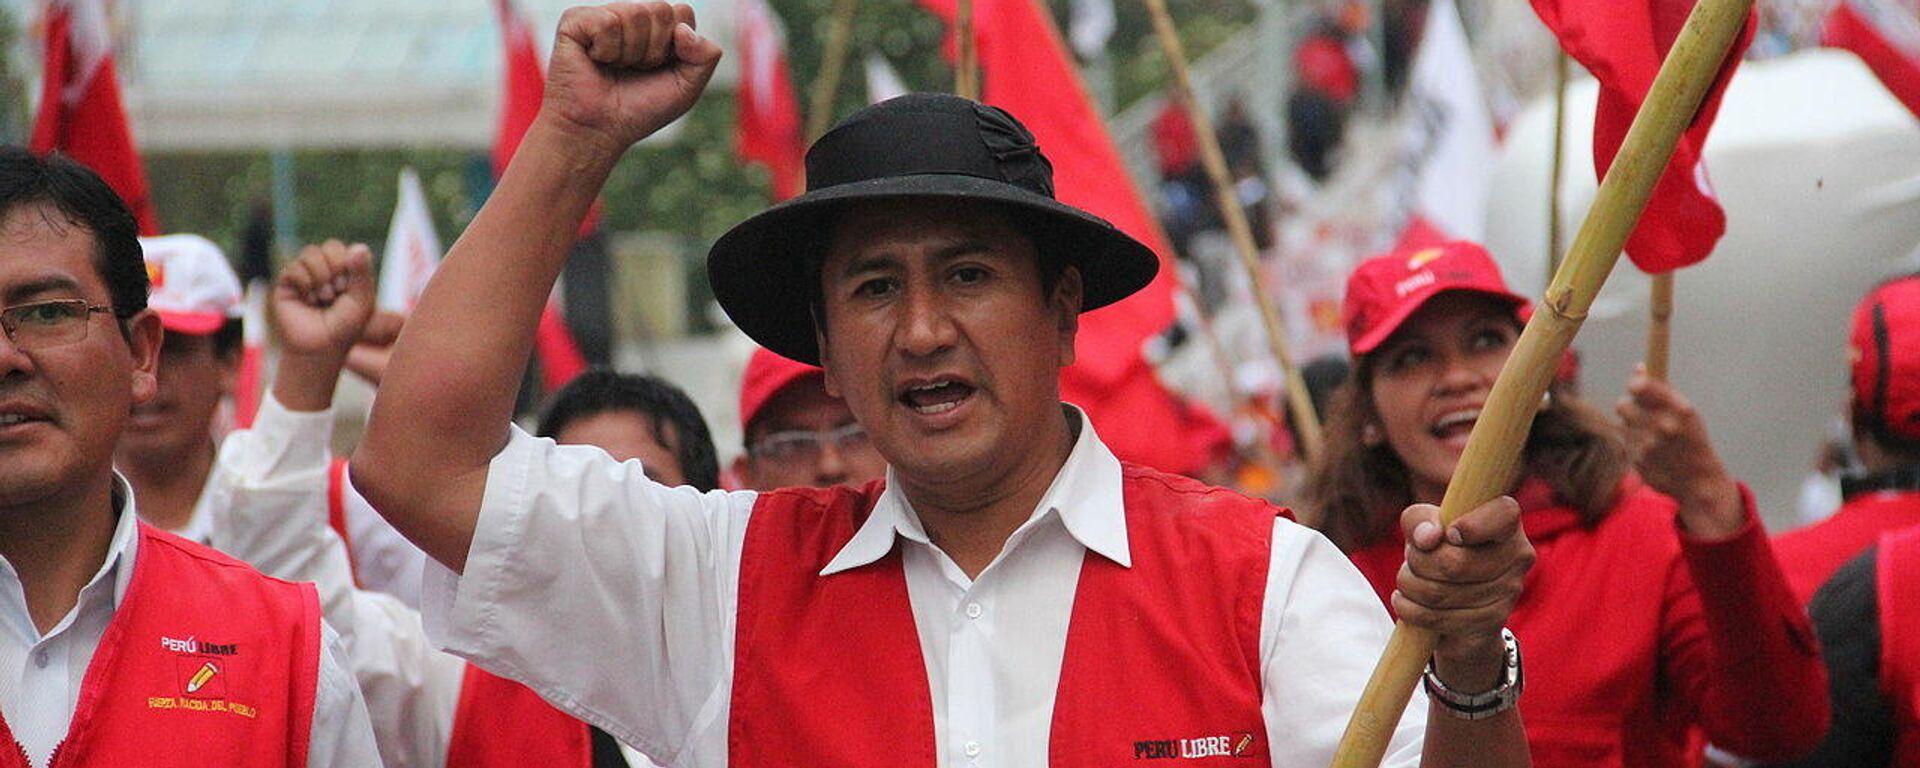 Valdimir Cerrón, líder y fundador de Perú Libre - Sputnik Mundo, 1920, 28.07.2021